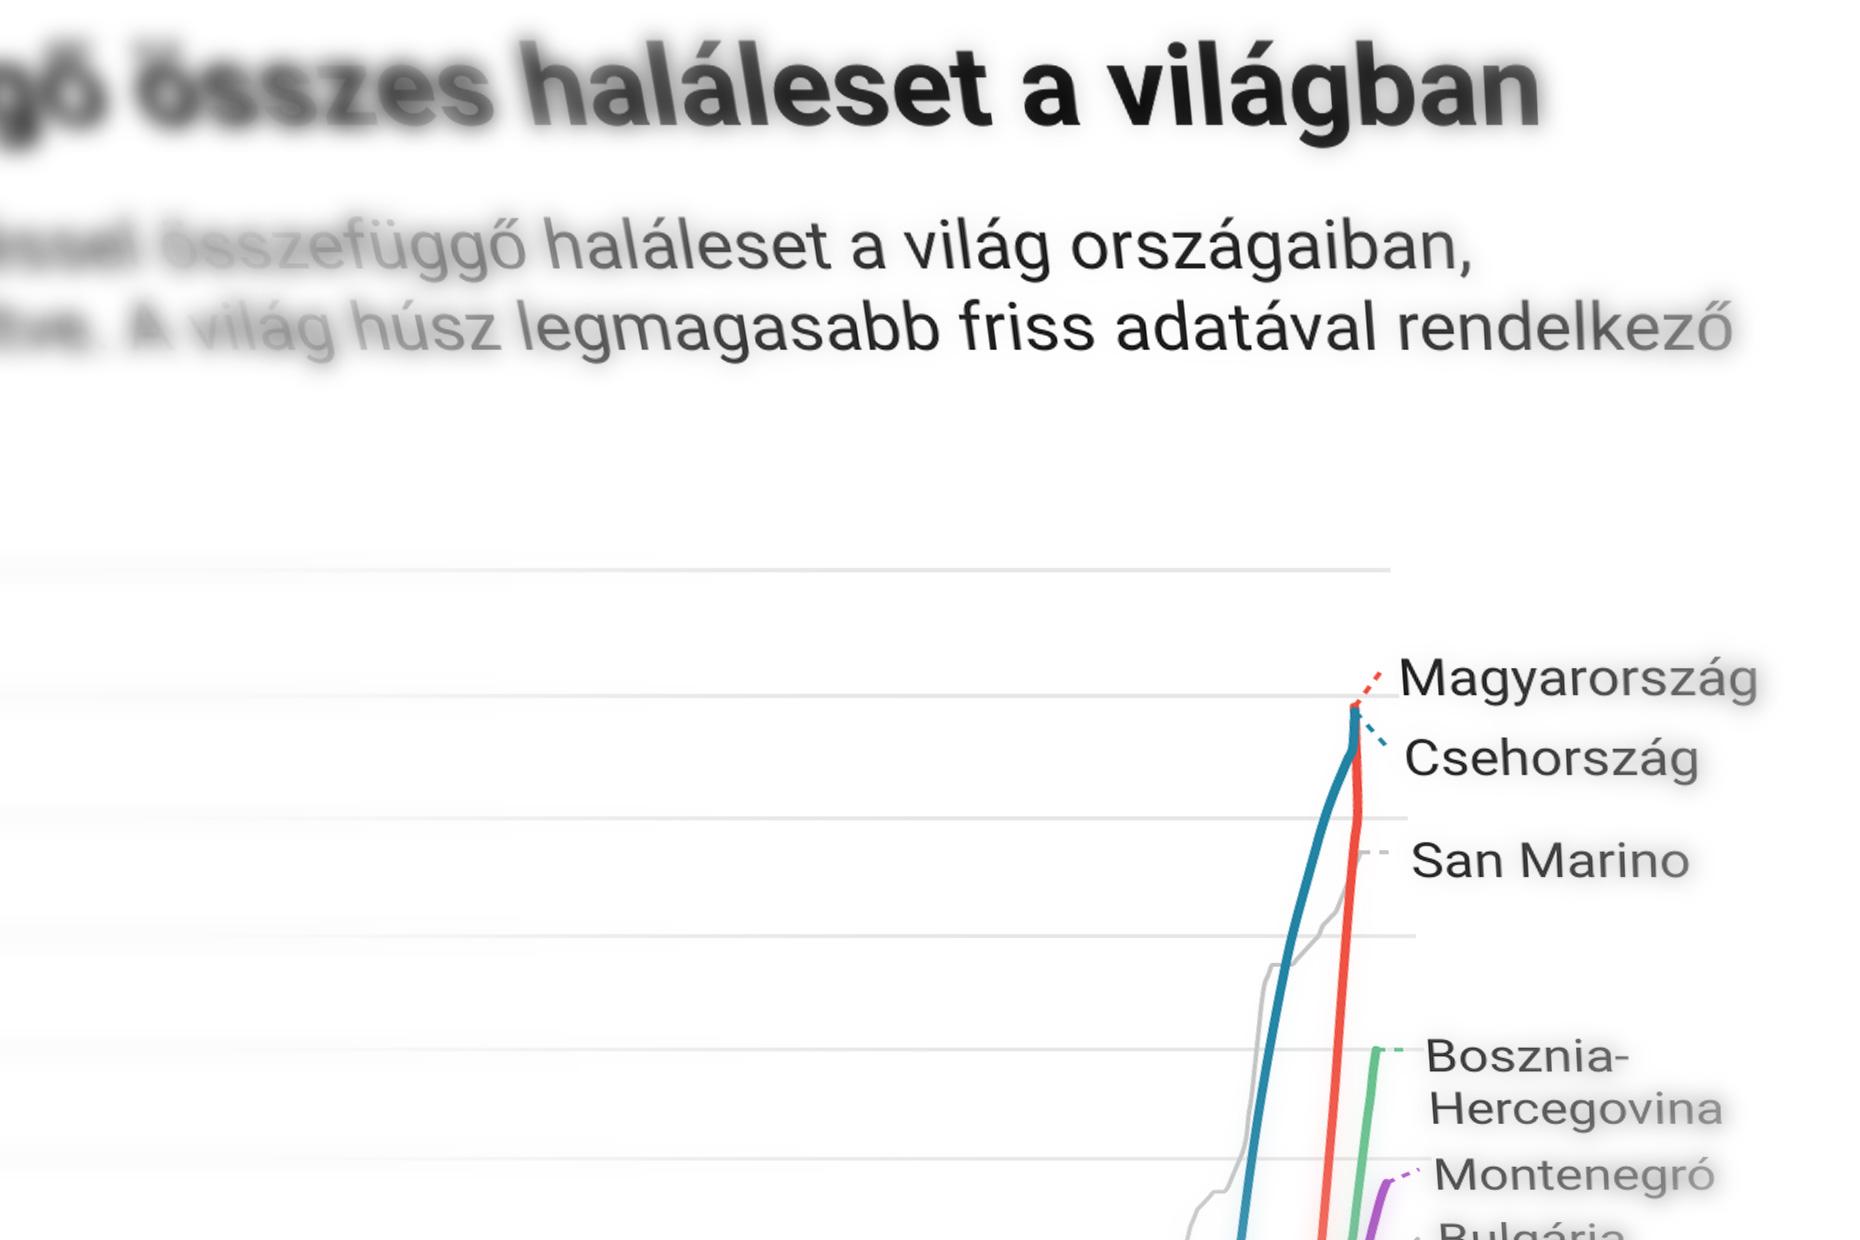 Világrekord magyar halálozás a teljes járványban